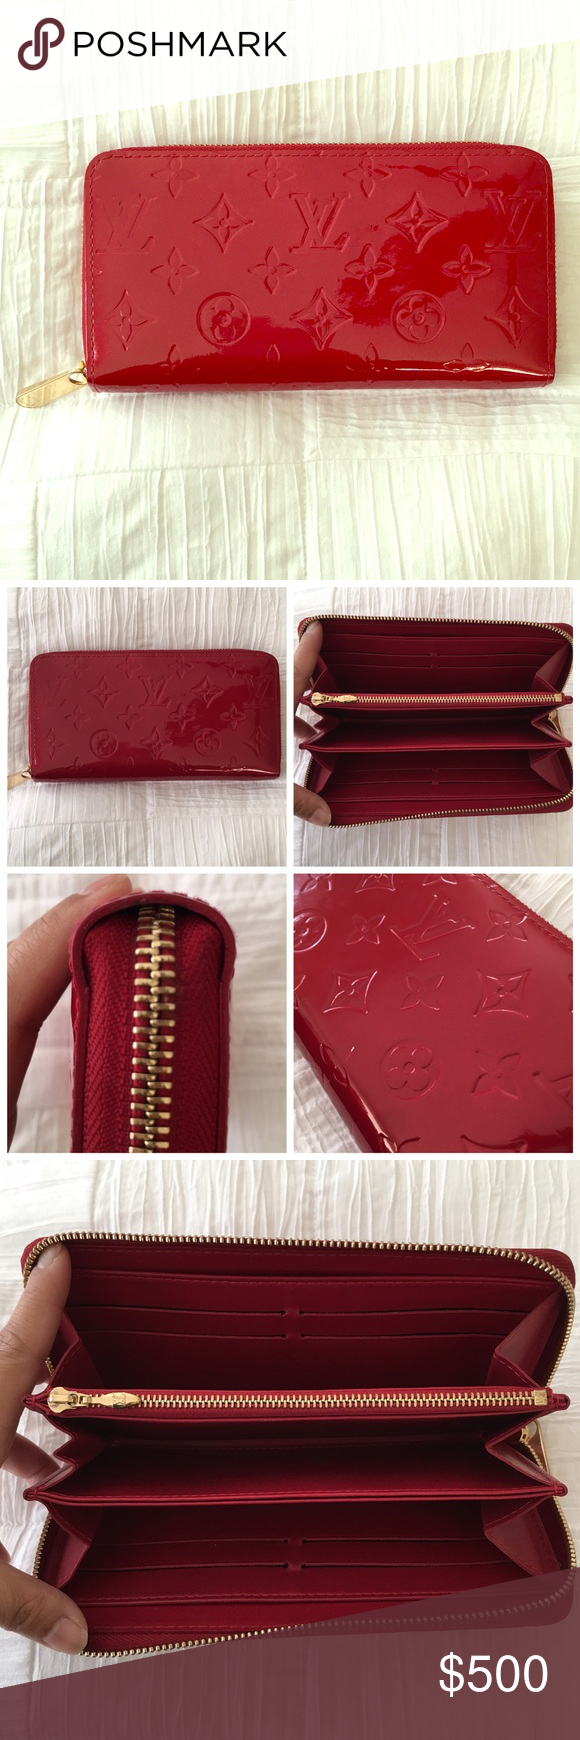 384d886118 Authentic Louis Vuitton Vernis Zippy wallet Authentic Louis Vuitton pomme  d amour Vernis Zippy wallet